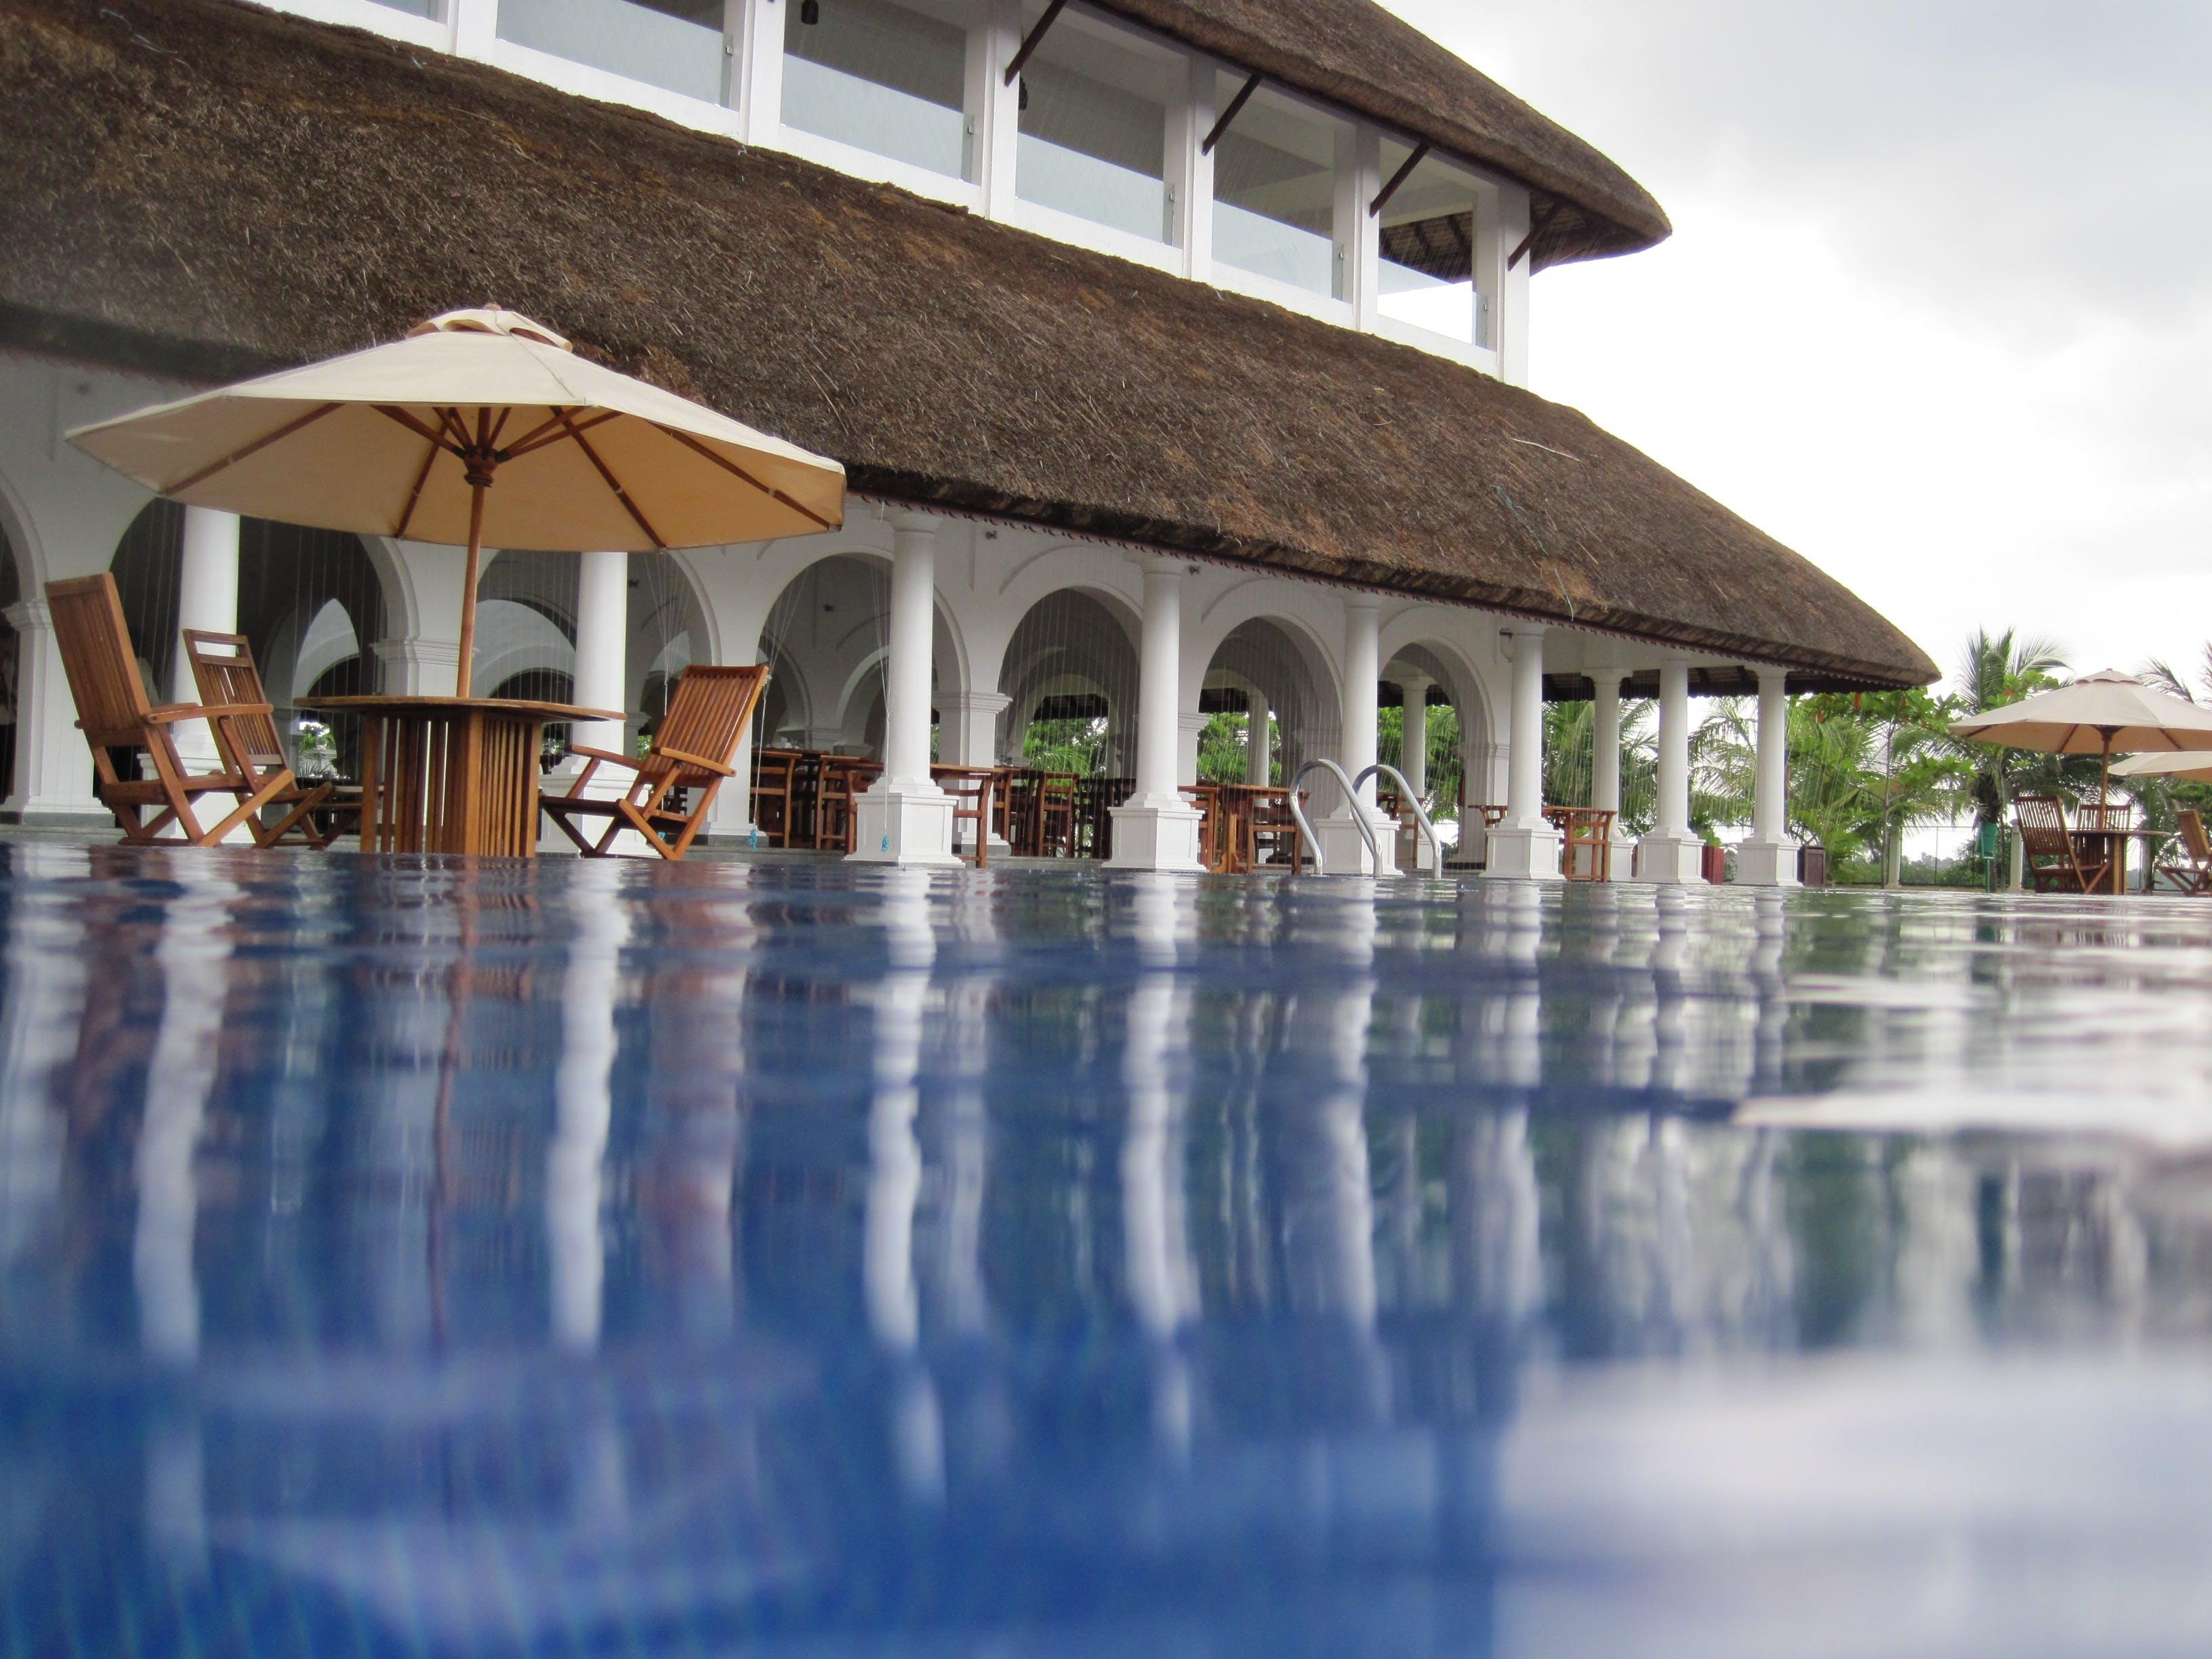 Immagine gratuita di acqua, architettura, bordo piscina, hotel